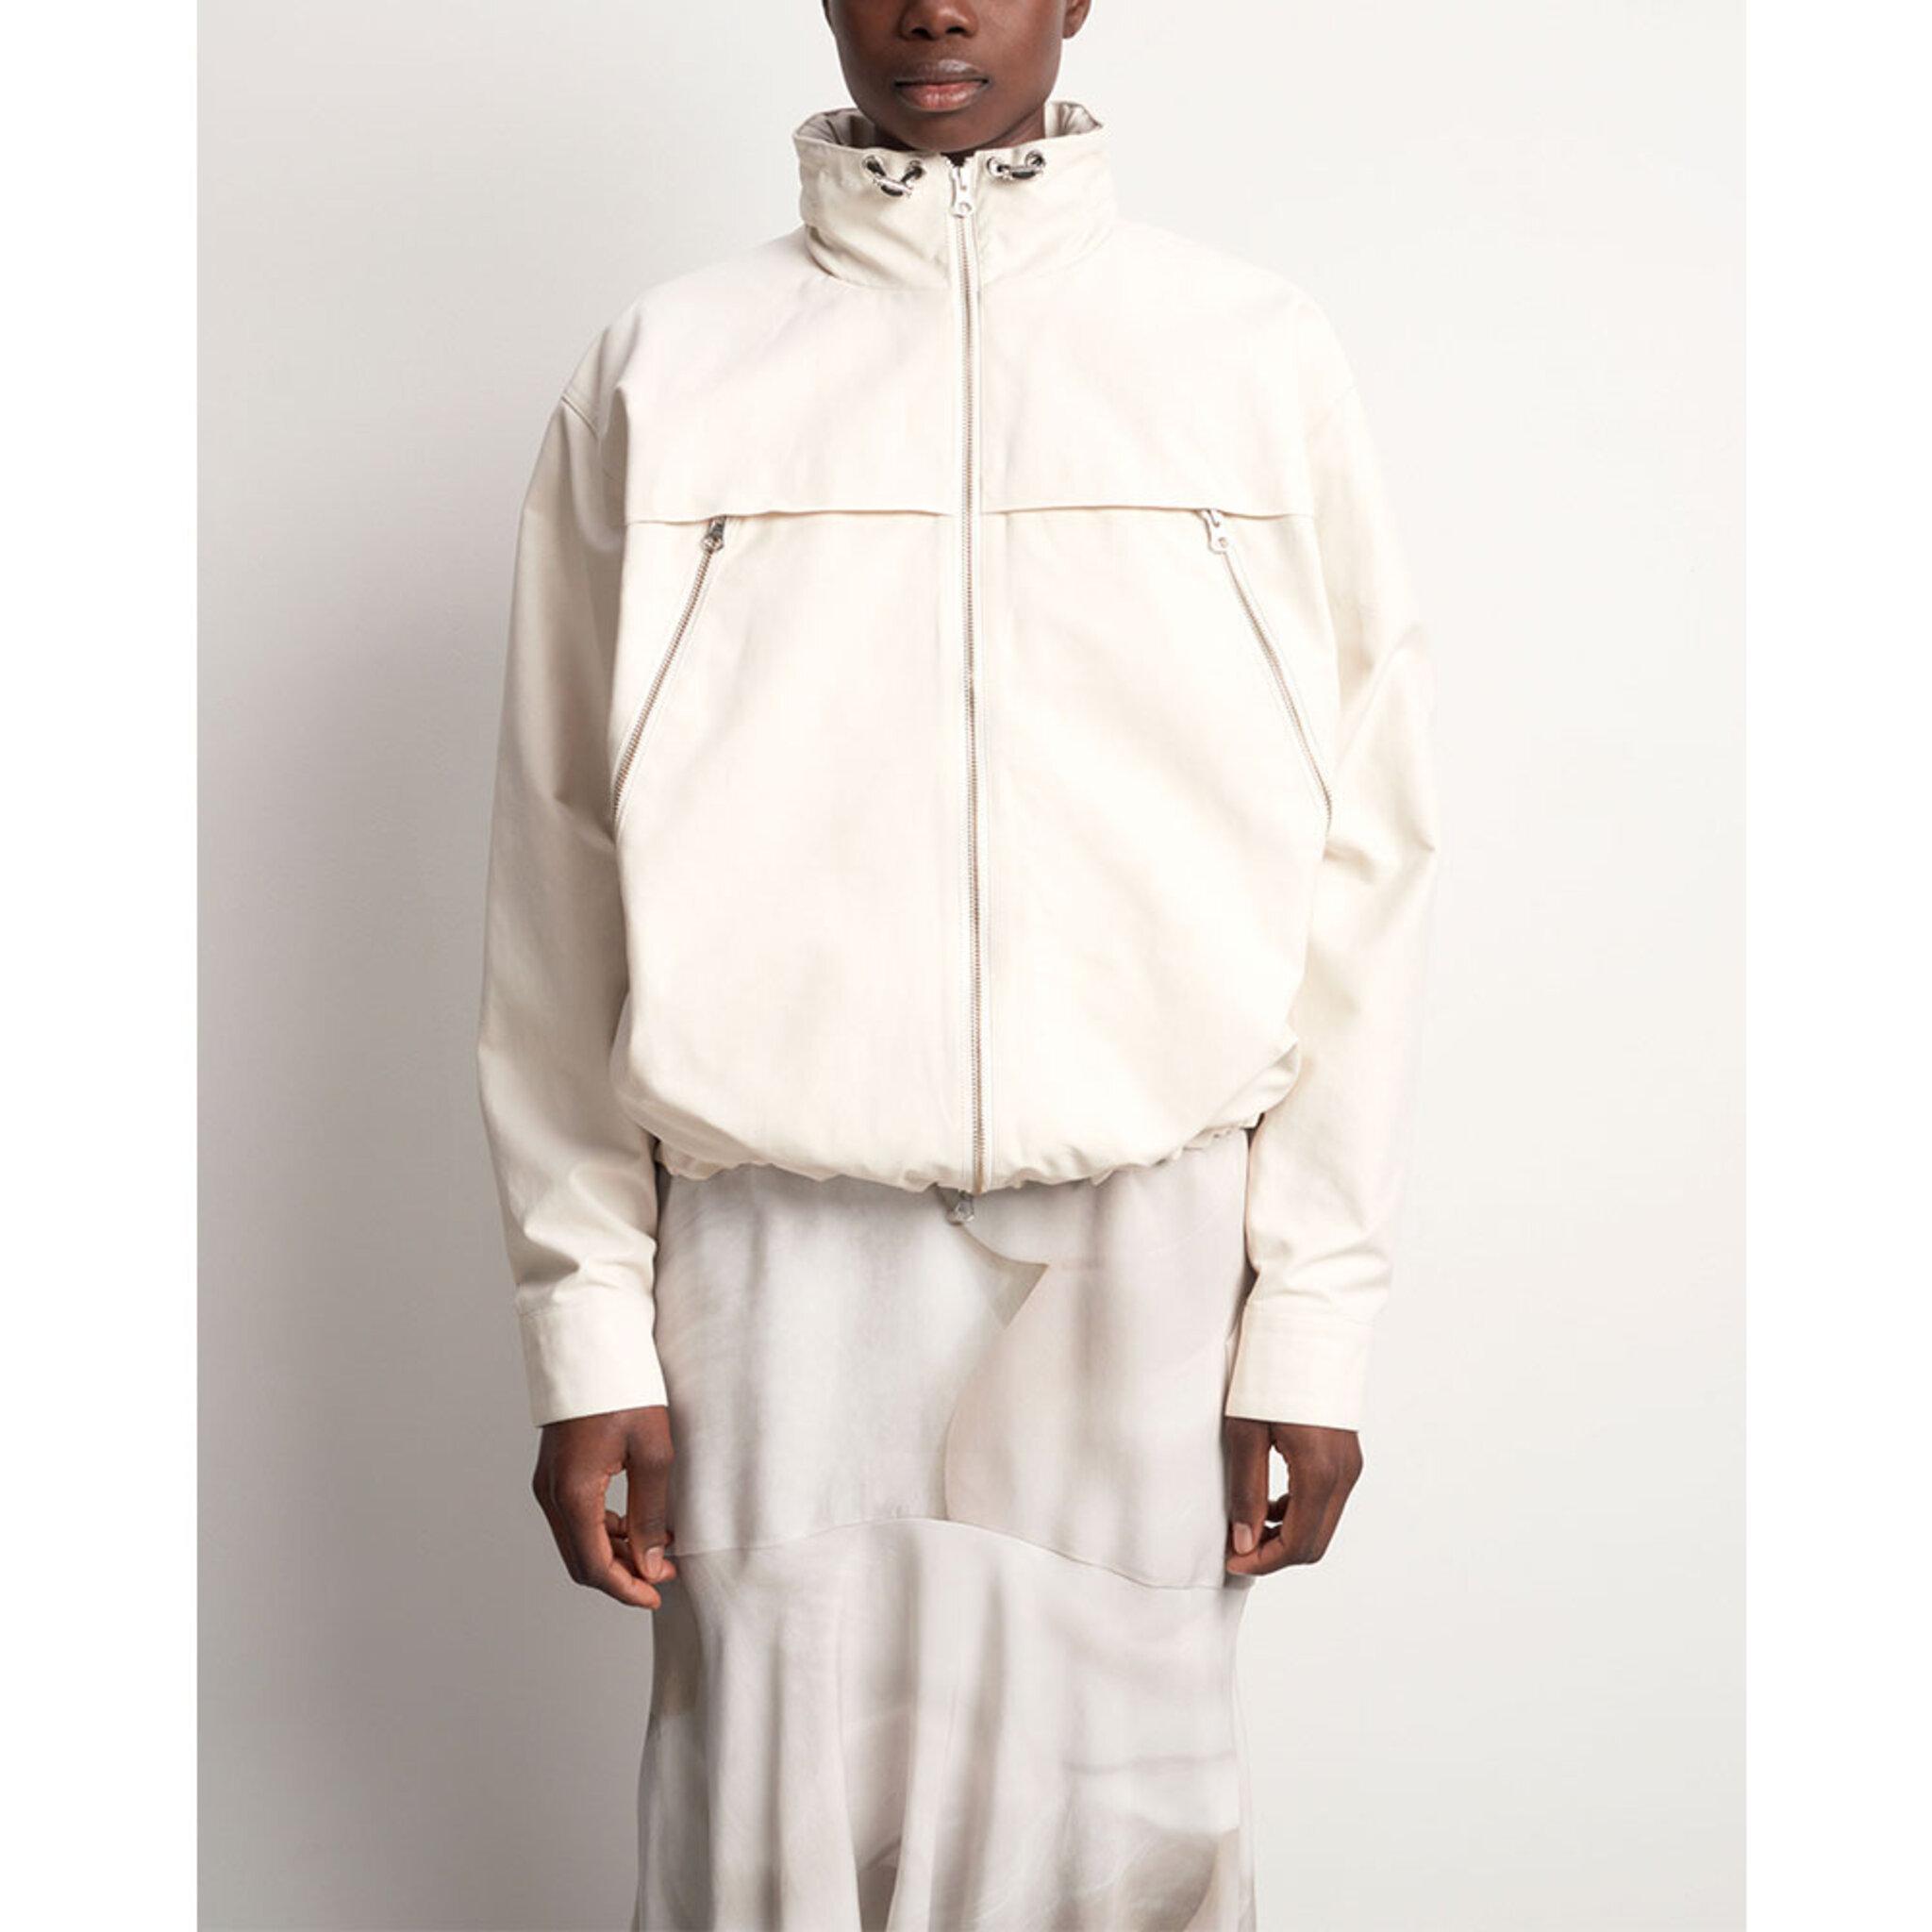 DONDELA Outerwear under 1 kg